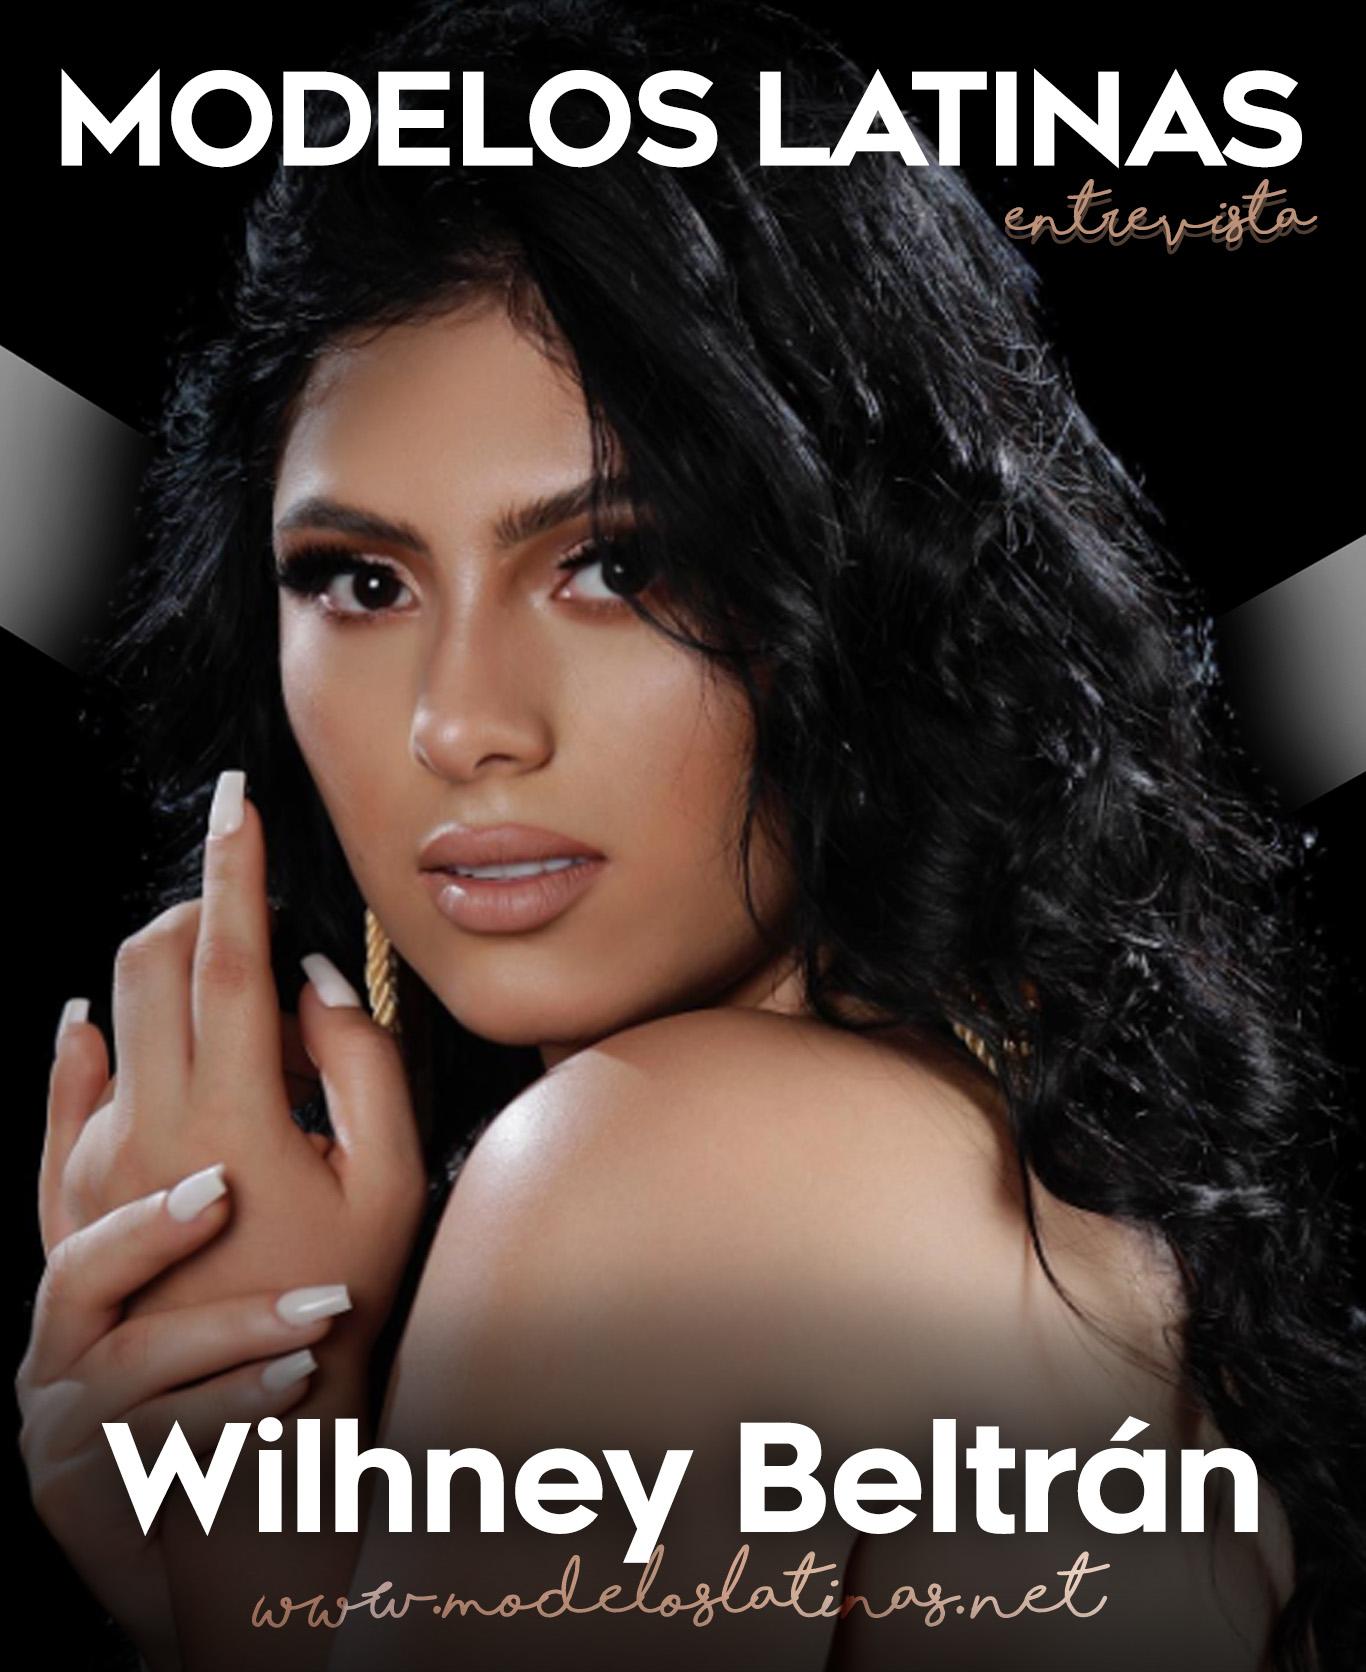 Wilhney Beltran